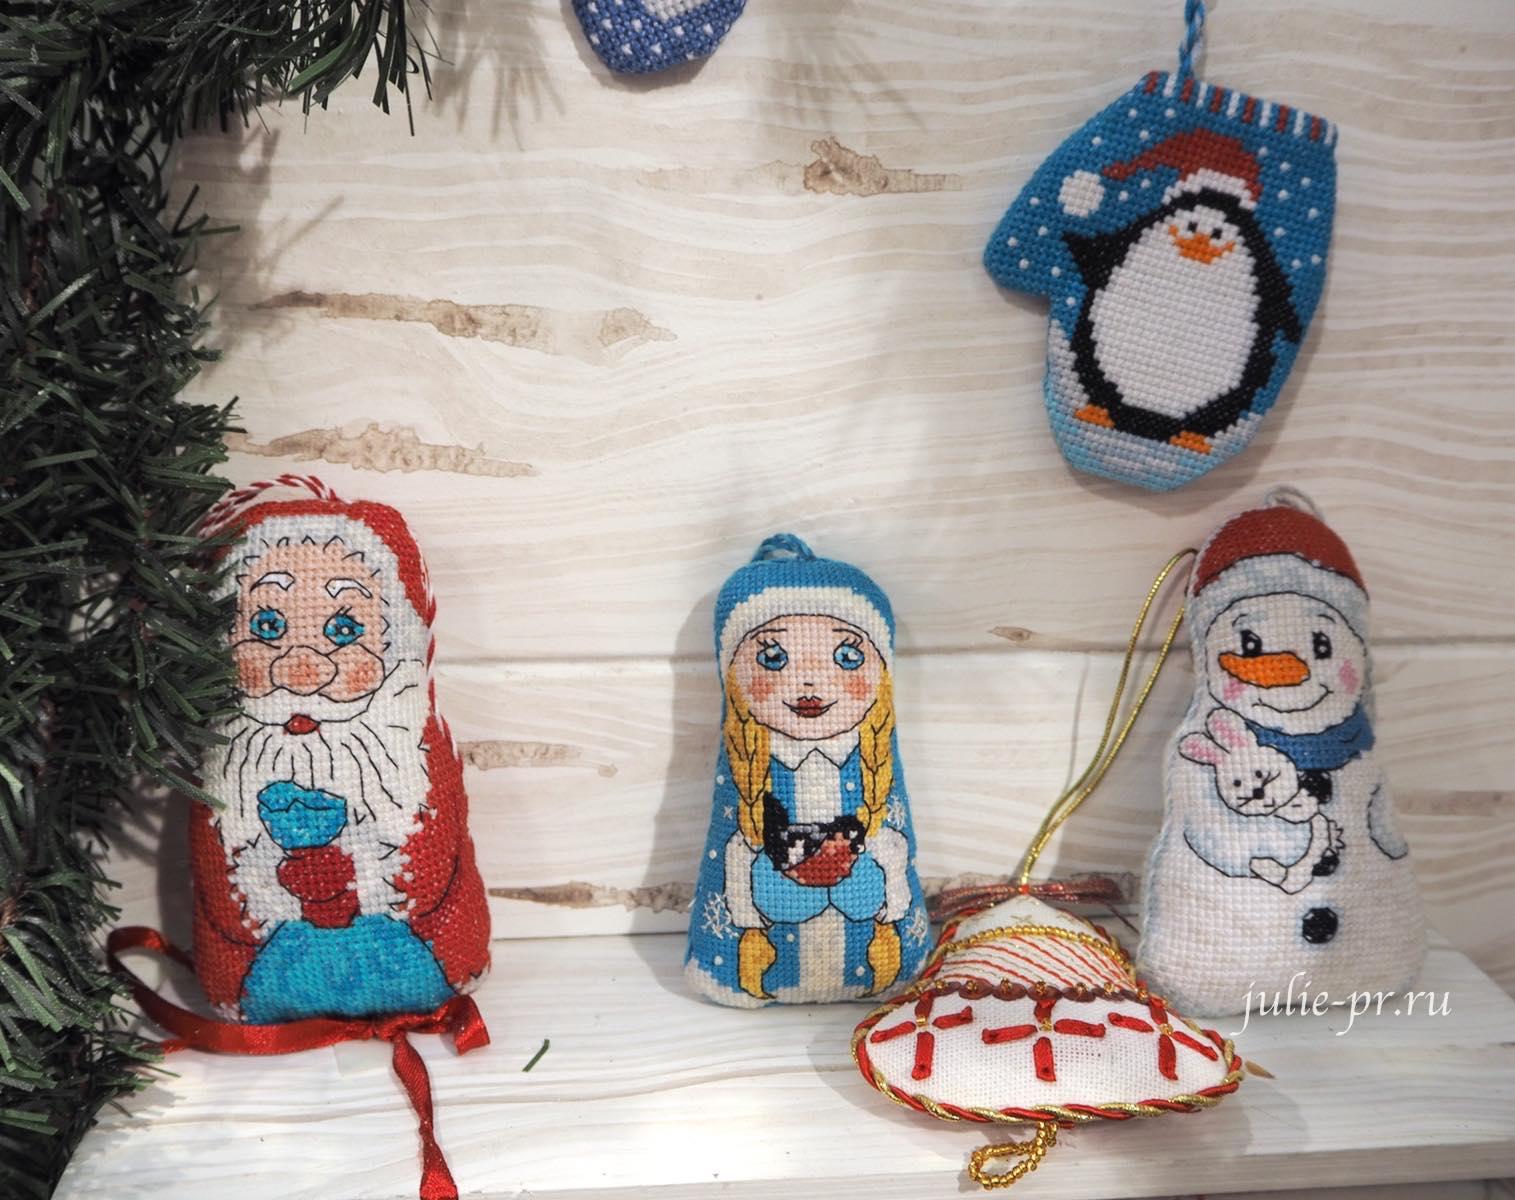 Панна, Panna, вышитые елочные игрушки, снегурочка, дед мороз, снеговик, вышивка крестом, формула рукоделия зима 2020